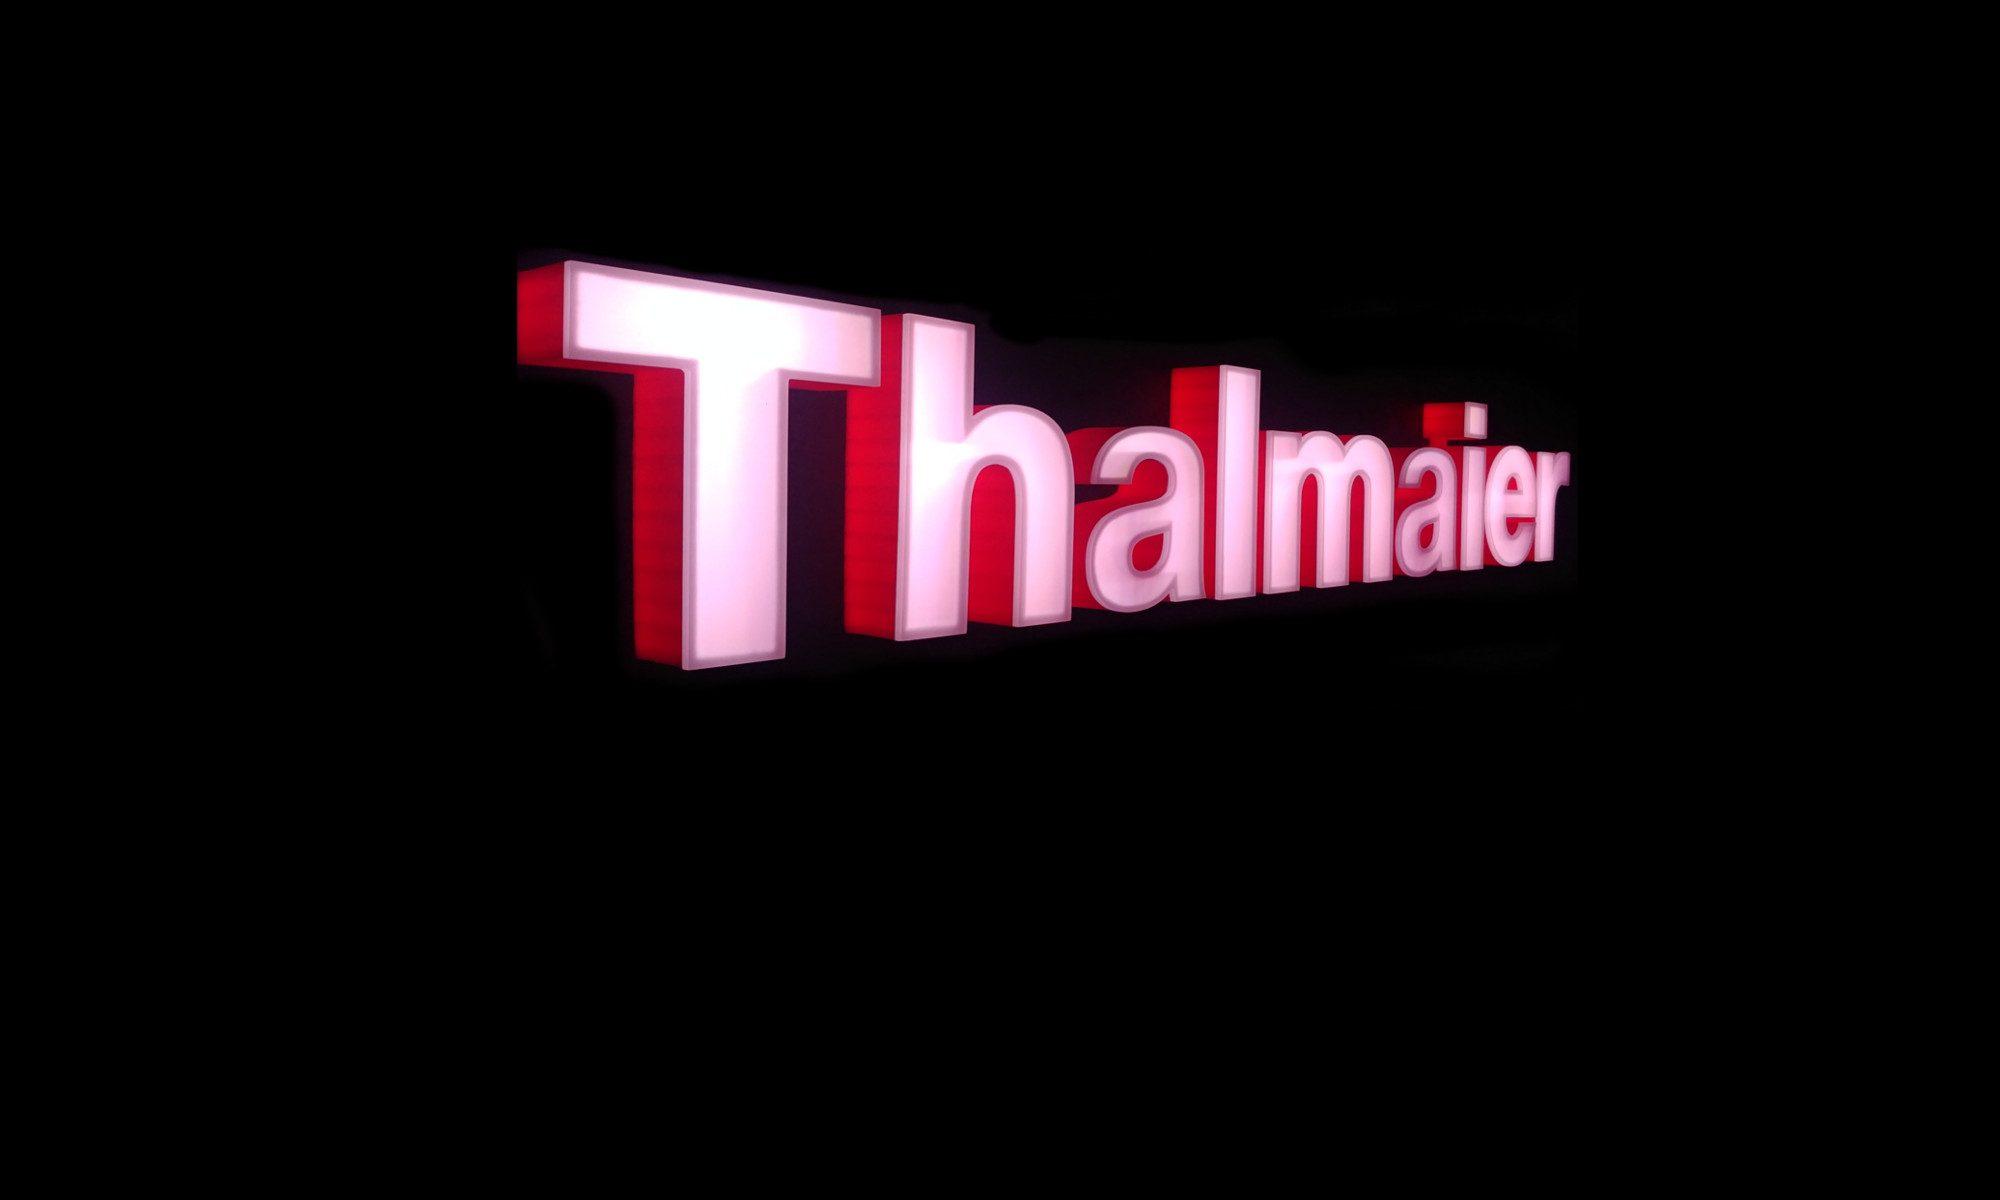 KFZ Thalmaier